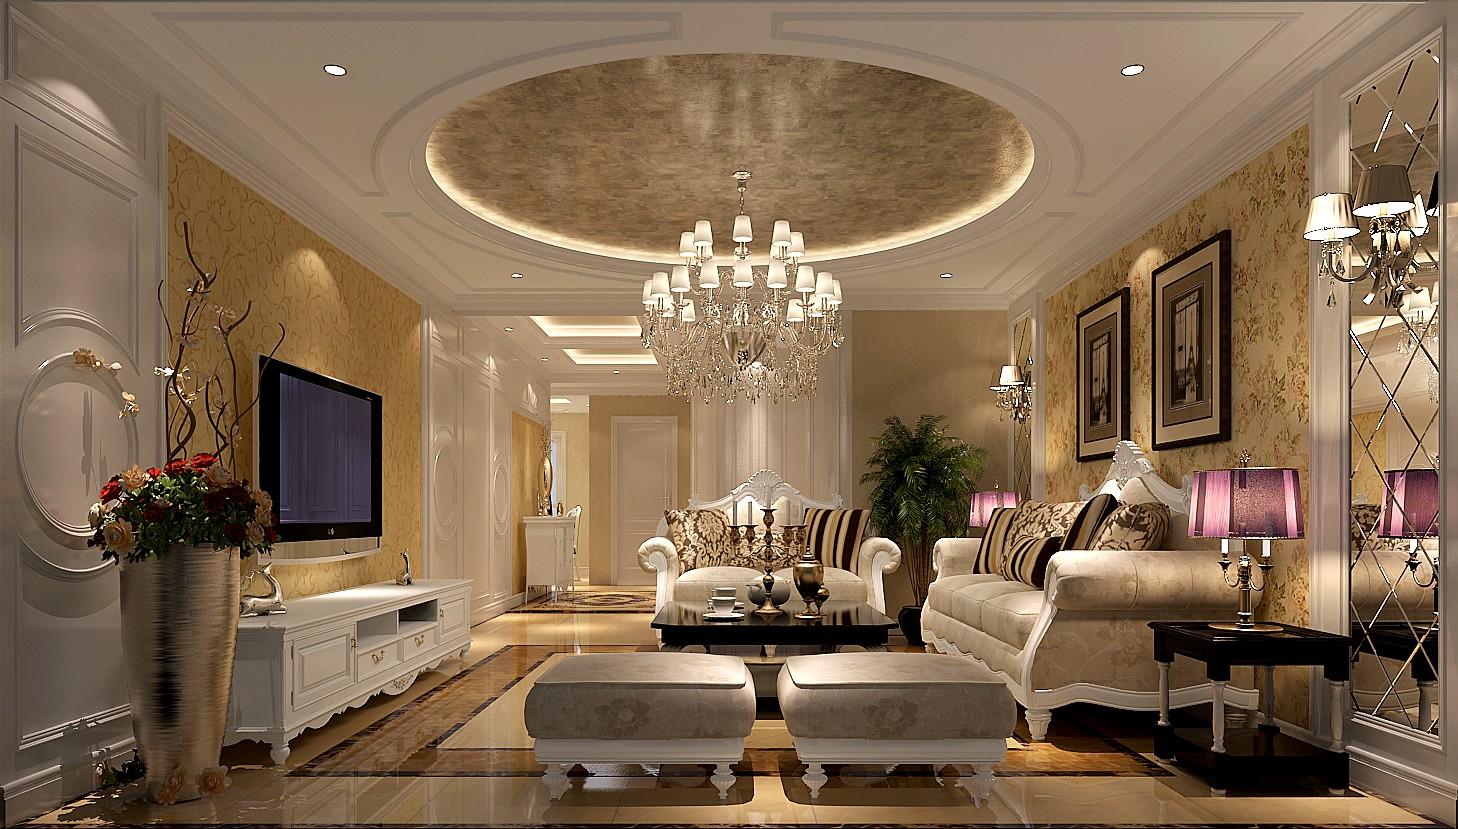 公寓 中式 客厅图片来自高度国际装饰宋增会在国风美唐135平米中式风格的分享